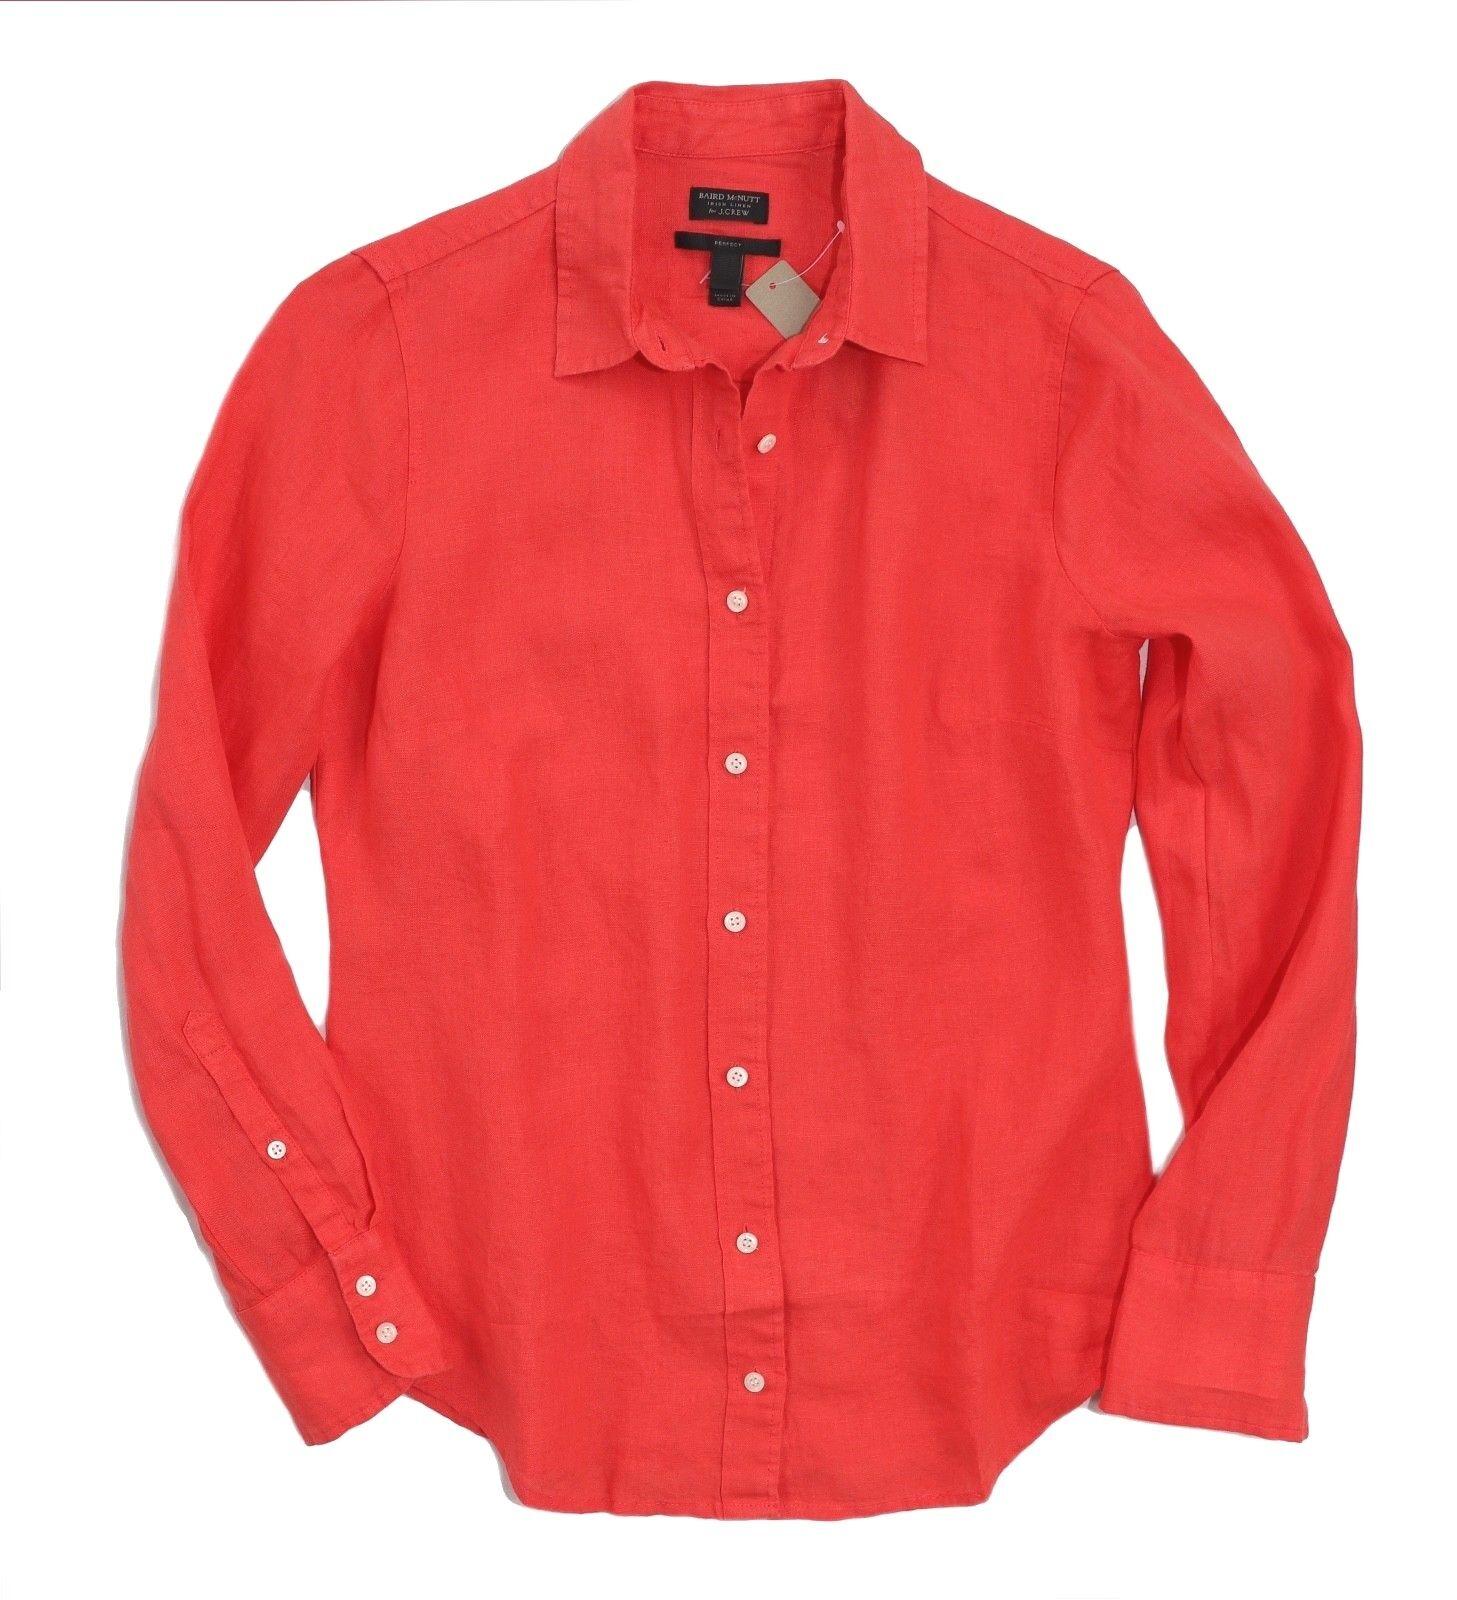 Baird Mcnutt für J.Crew Damen 2 - Nwt Coral Rosa Langärmlig Irisch Leinen Hemd